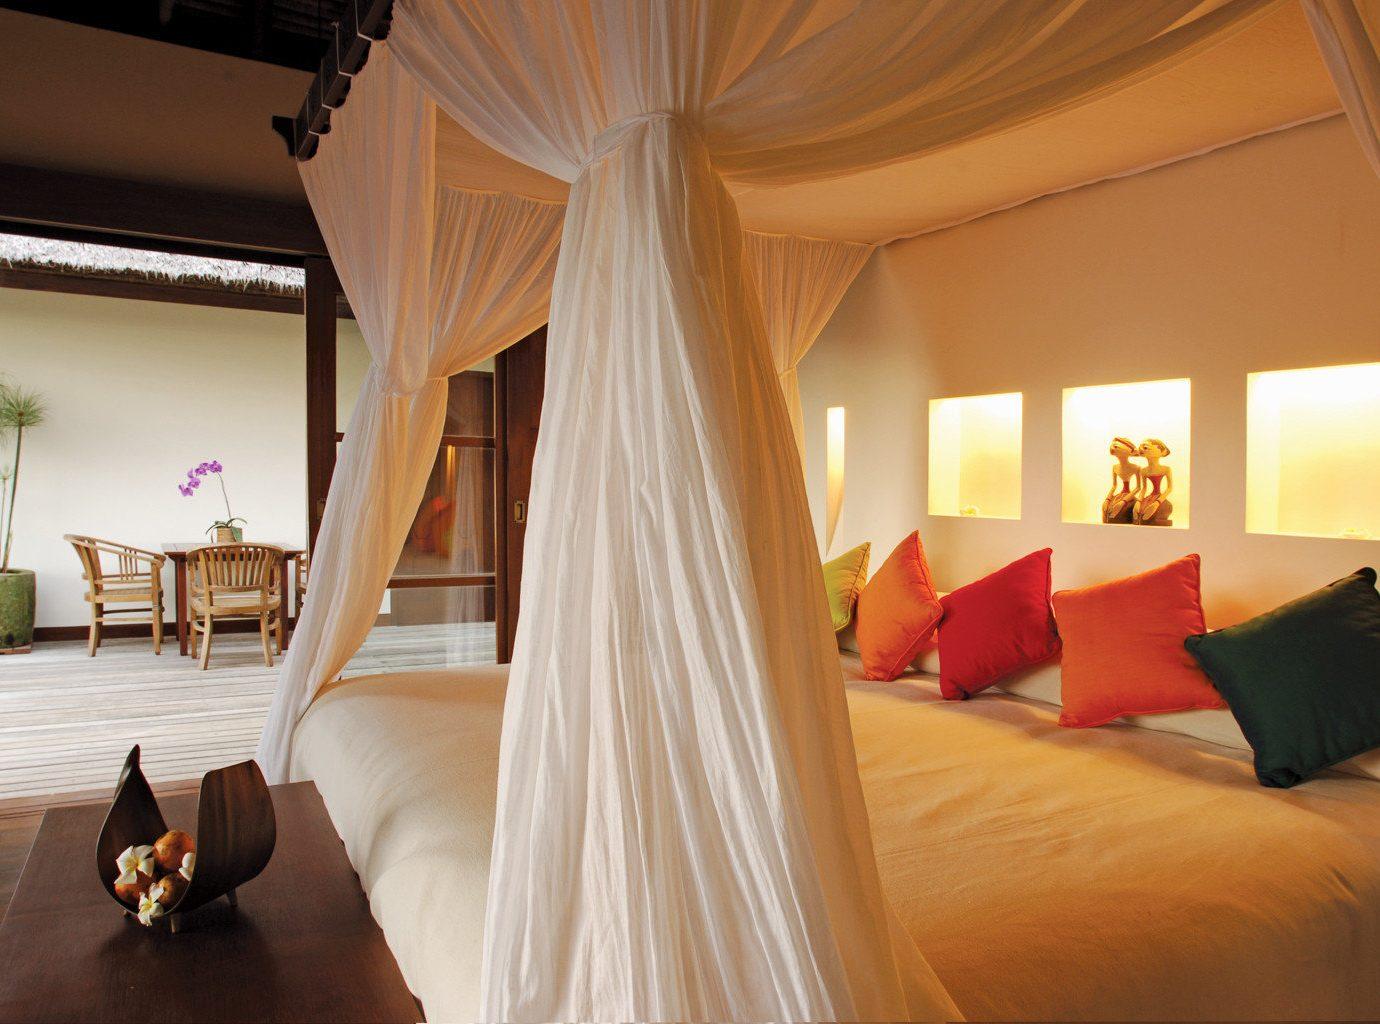 Bedroom Elegant Luxury Suite Trip Ideas indoor bed room property curtain estate hotel interior design Villa cottage furniture